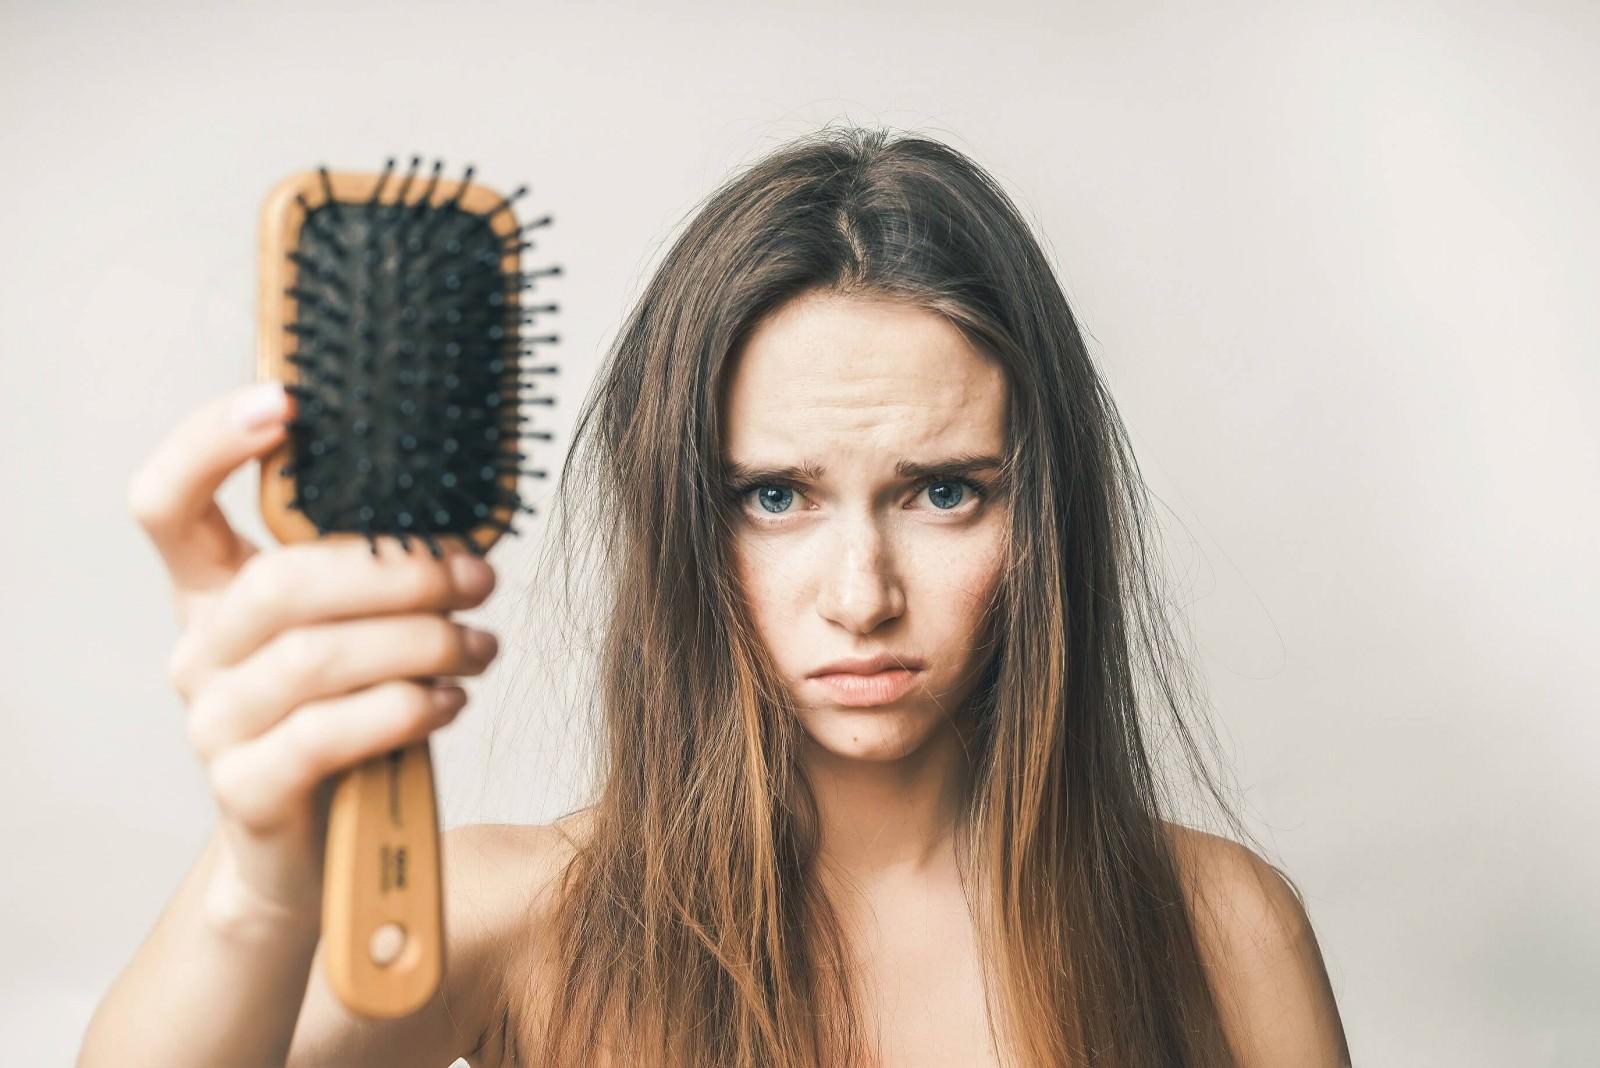 Почему выпадают волосы и как это остановить: Советы врача